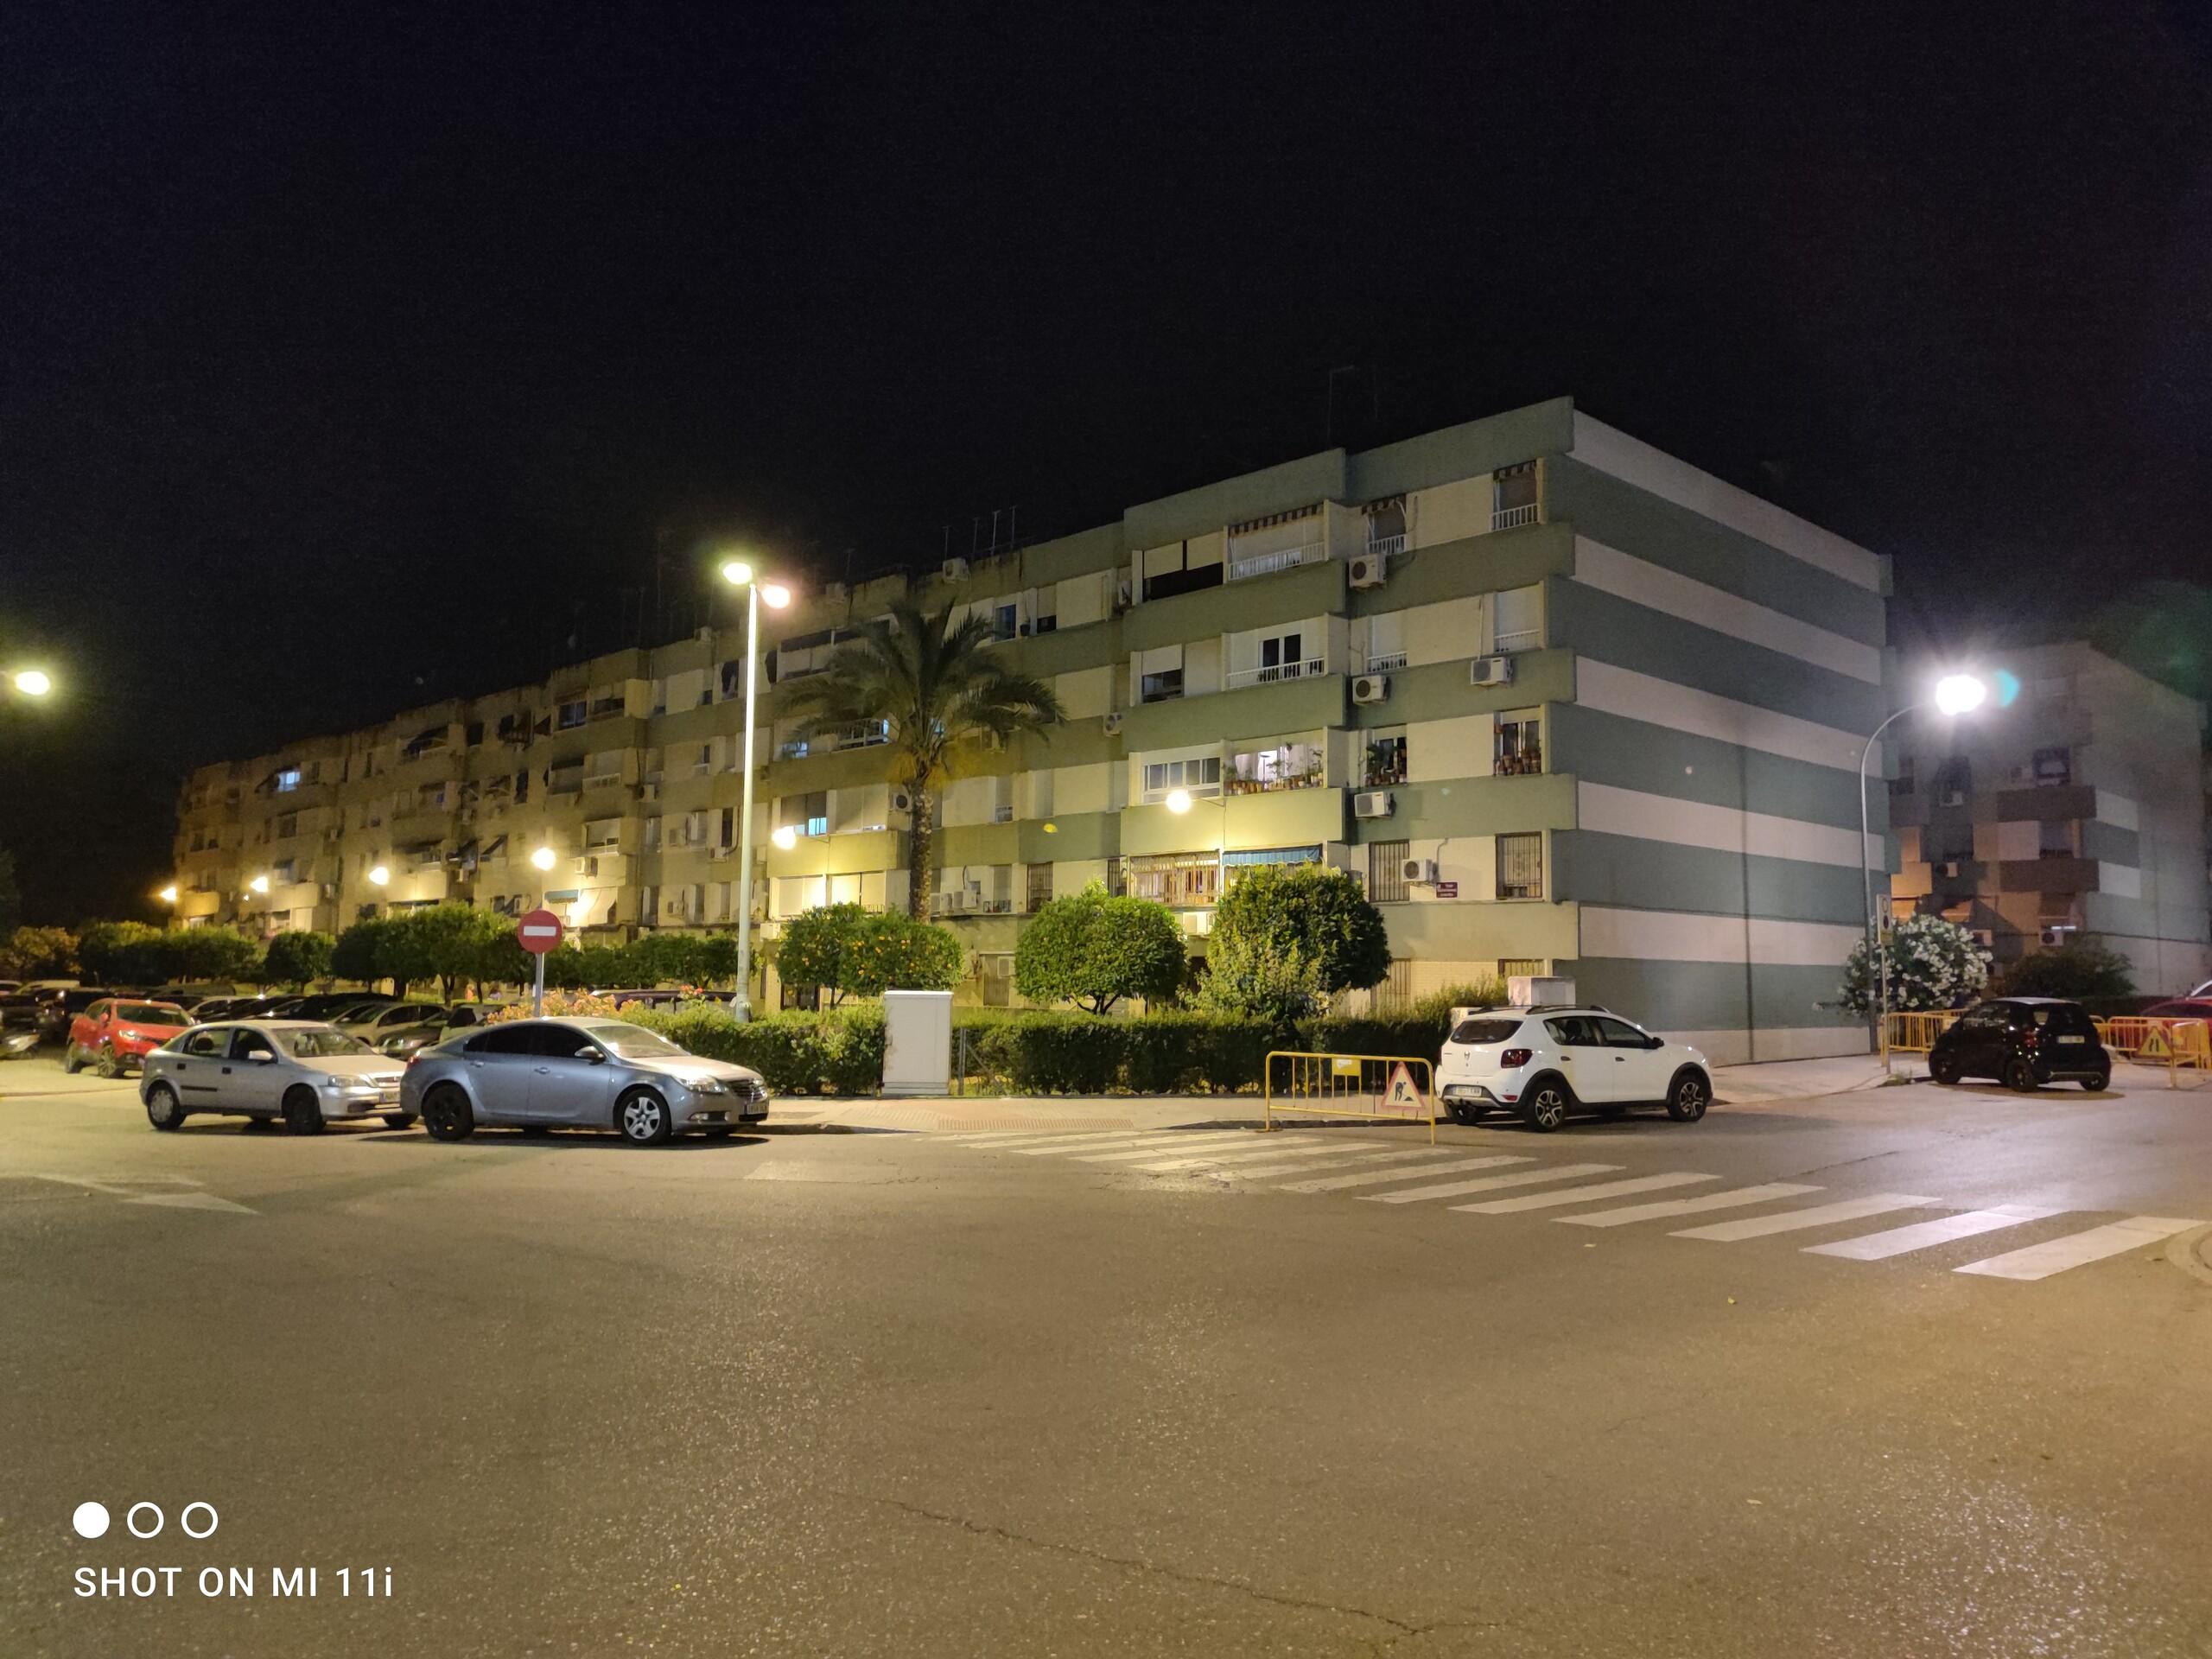 Foto de Fotos tomadas con el Xiaomi Mi 11i (47/78)